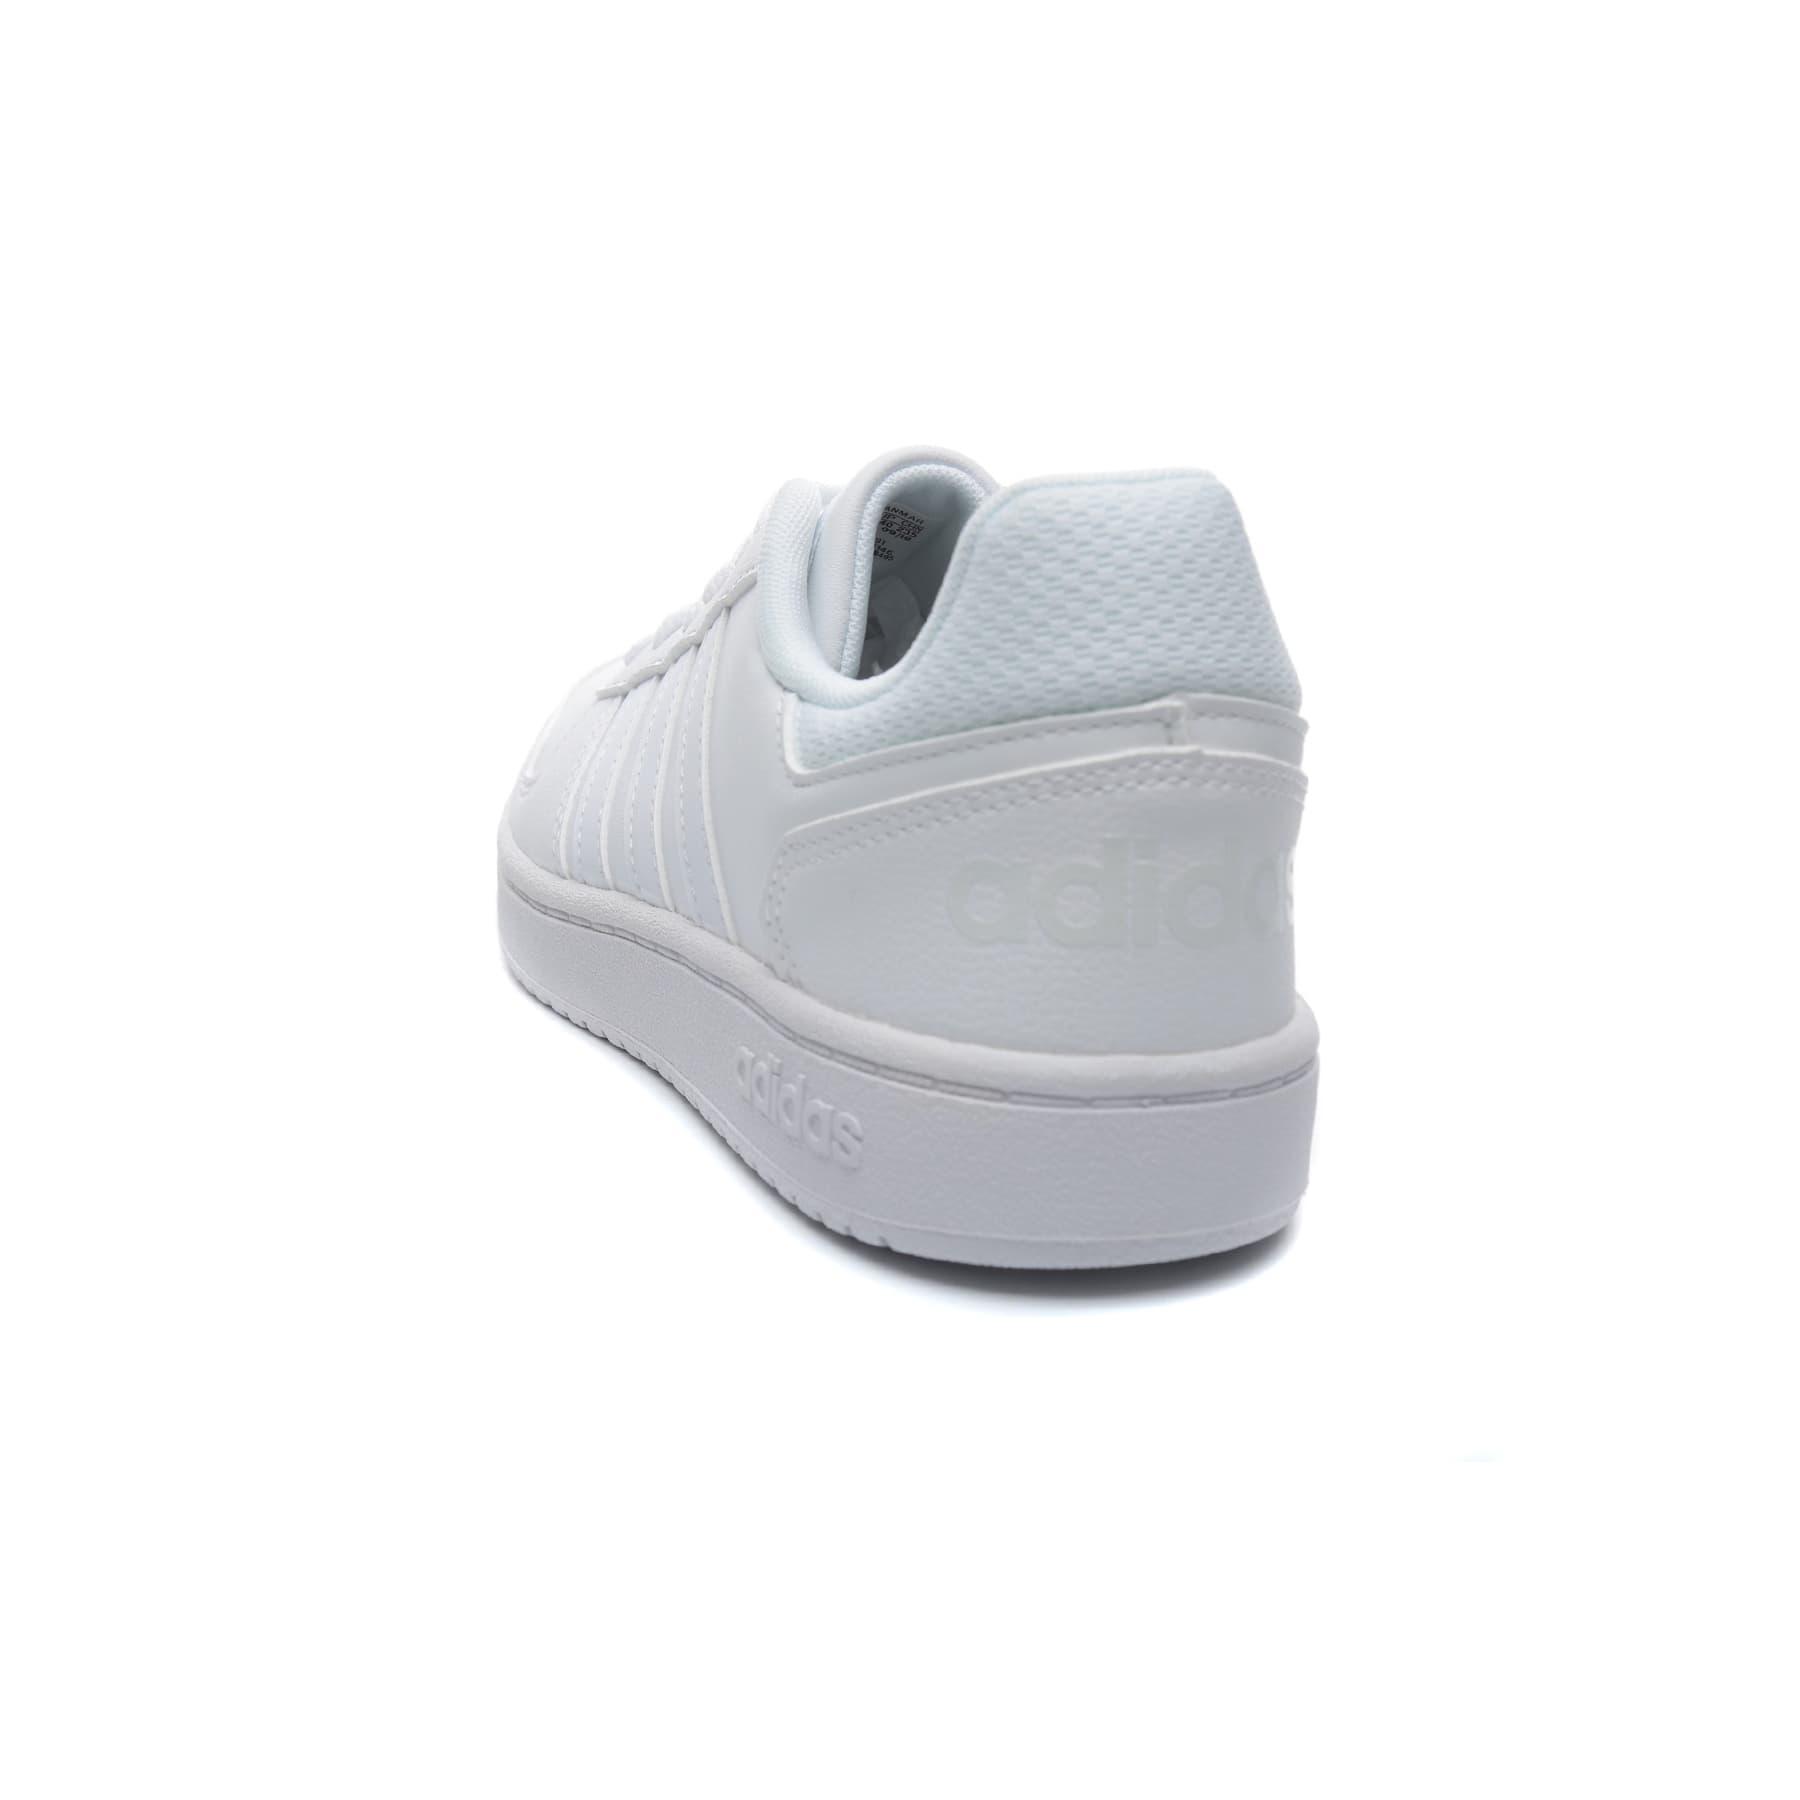 adidas Hoops 2.0 Kadın Beyaz Spor Ayakkabı (F35891)